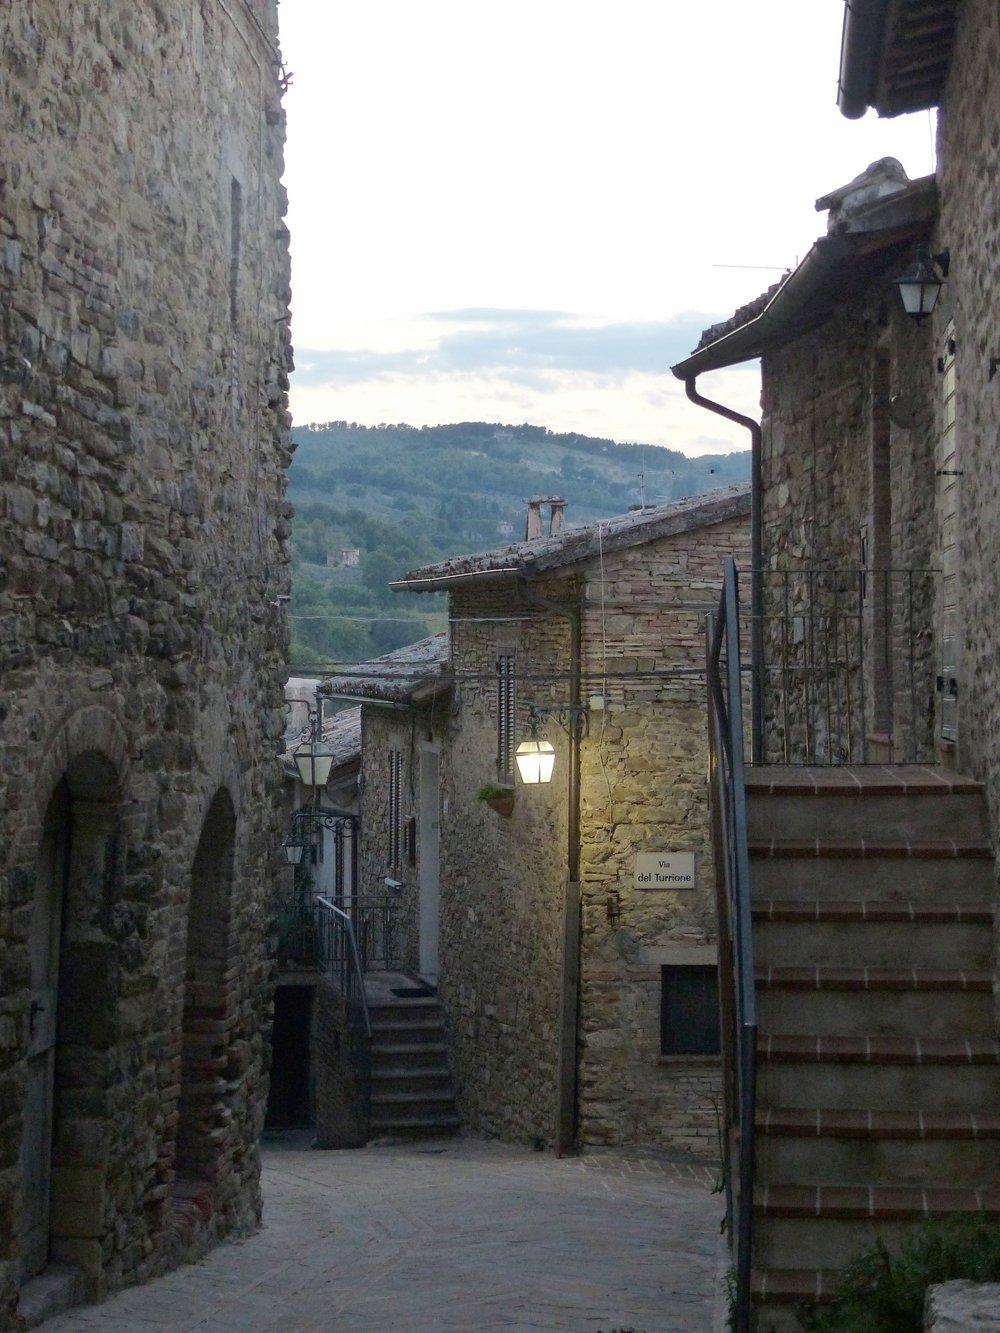 Night falls at Serpillo in Umbria